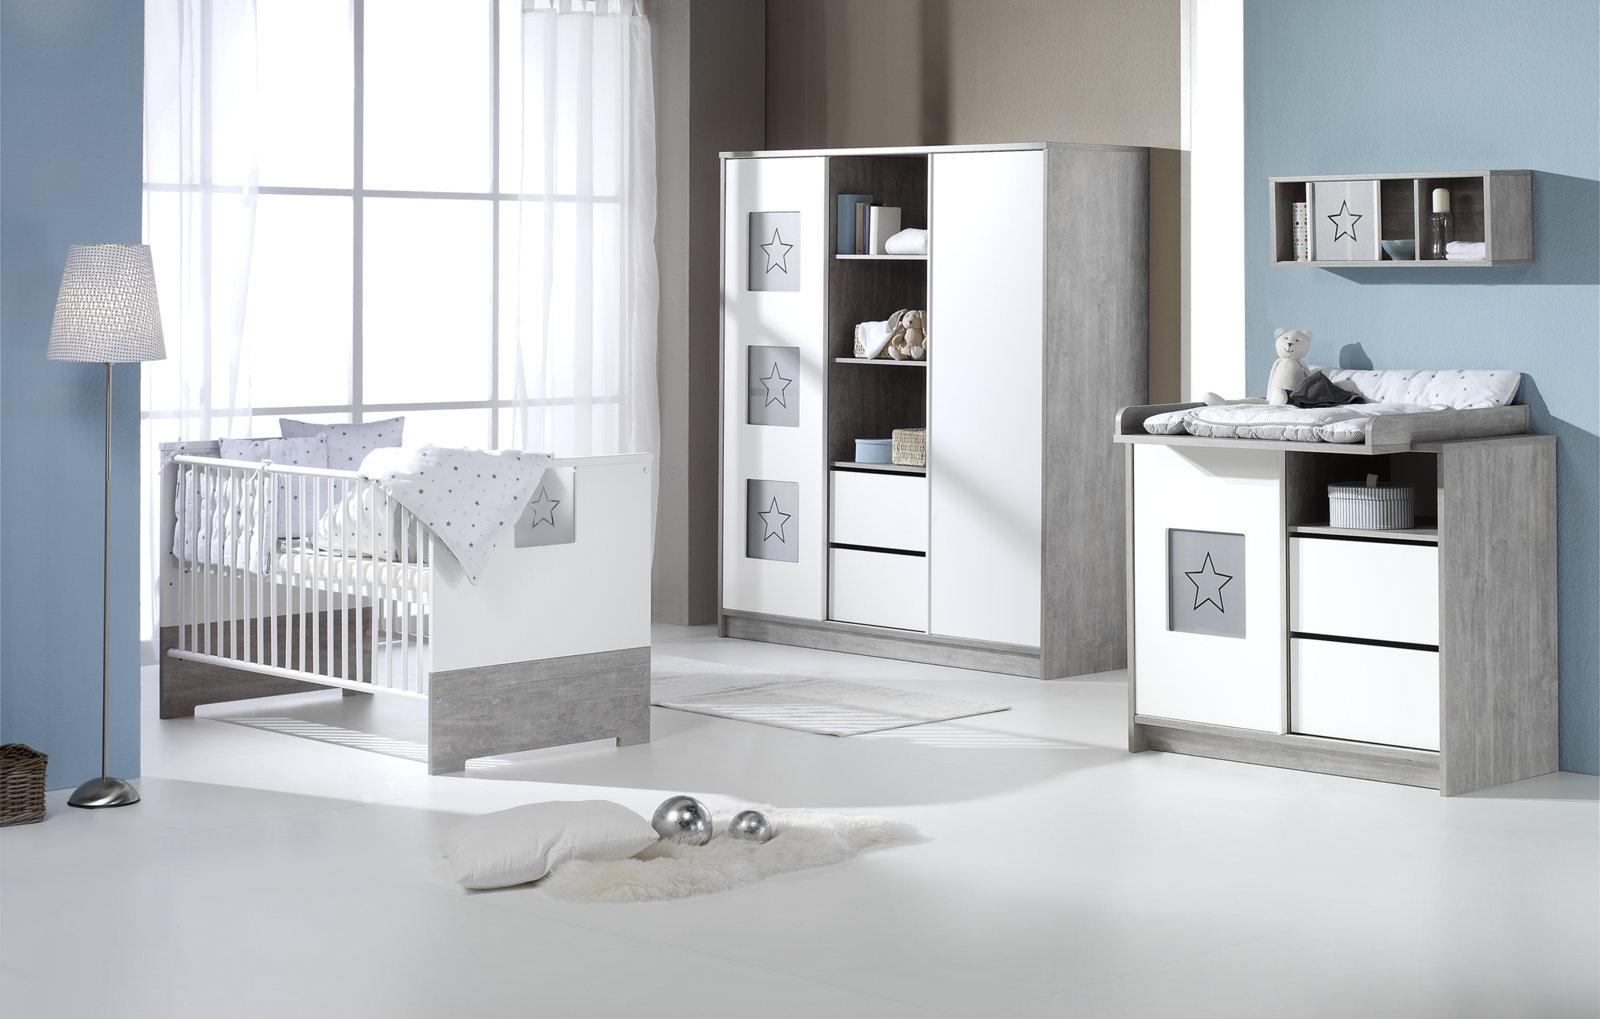 schardt gmbh co kg kinderzimmer eco star. Black Bedroom Furniture Sets. Home Design Ideas